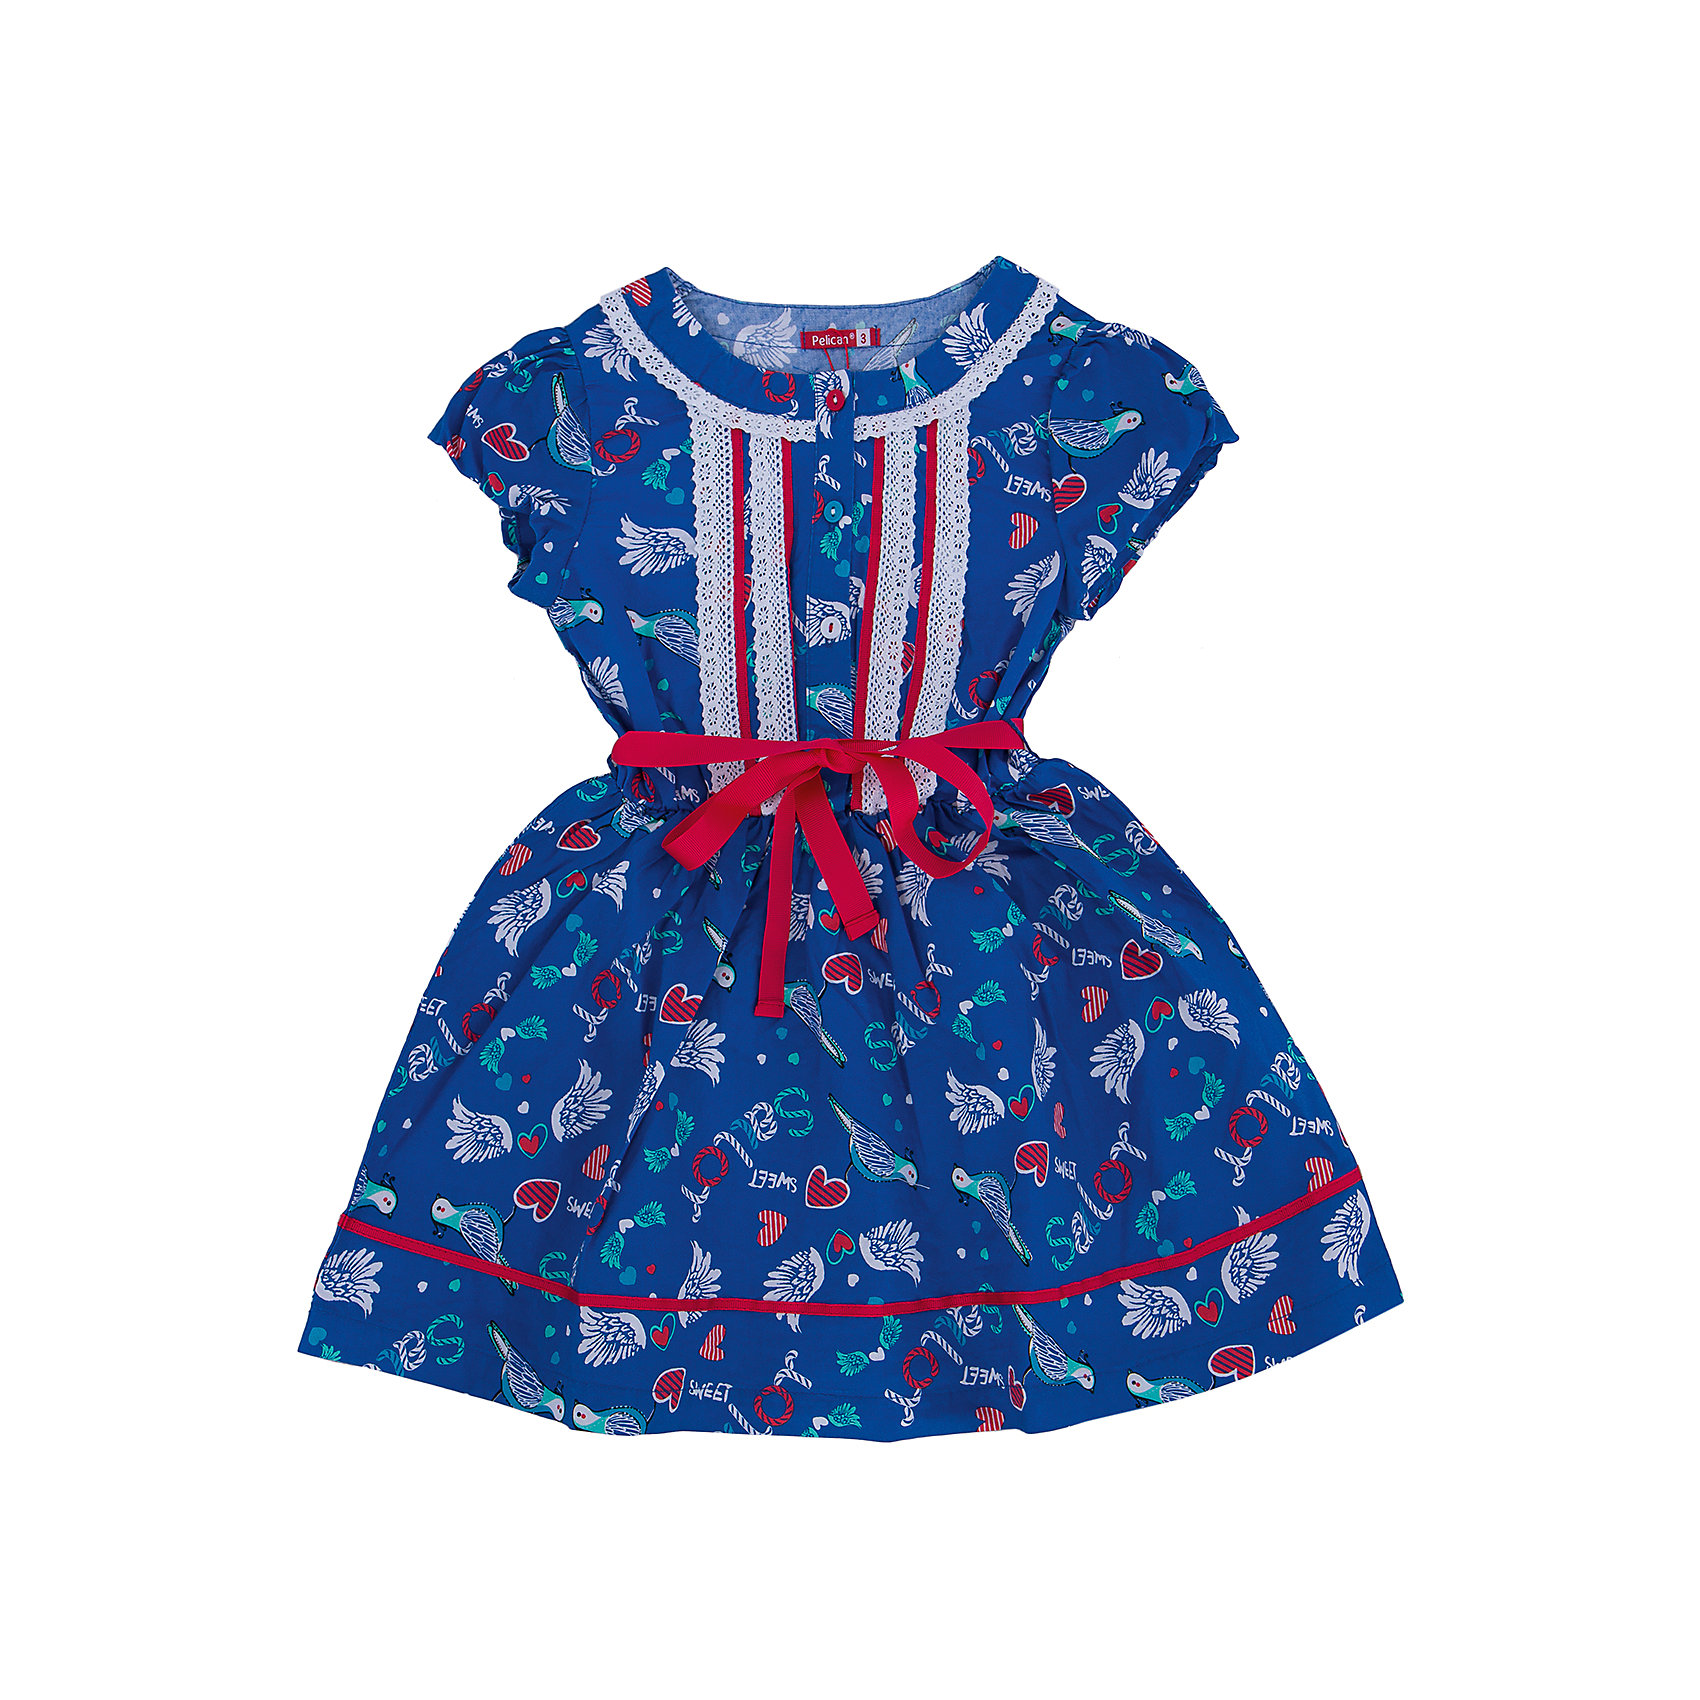 Платье для девочки PELICANПлатья и сарафаны<br>Легкое платье для девочки смотрится очень нарядно. Оно поможет разнообразить гардероб ребенка, создать подходящий погоде ансамбль. Удобный крой и качественный материал обеспечат ребенку комфорт при ношении этих вещей. <br>Платье декорировано ярким принтом и кружевами. Рукава короткие. Пояс обработан контрастной тканью. Материал платья состоит из дышащего натурального хлопка, гипоаллергенного, отлично подходящего для детской одежды. <br><br>Дополнительная информация:<br><br>материал: 100% хлопок;<br>цвет: синий;<br>кружева;<br>рукава короткие.<br><br>Платье для девочки от бренда PELICAN (Пеликан) можно купить в нашем магазине.<br><br>Ширина мм: 236<br>Глубина мм: 16<br>Высота мм: 184<br>Вес г: 177<br>Цвет: синий<br>Возраст от месяцев: 36<br>Возраст до месяцев: 48<br>Пол: Женский<br>Возраст: Детский<br>Размер: 104,98,110,116<br>SKU: 4805174